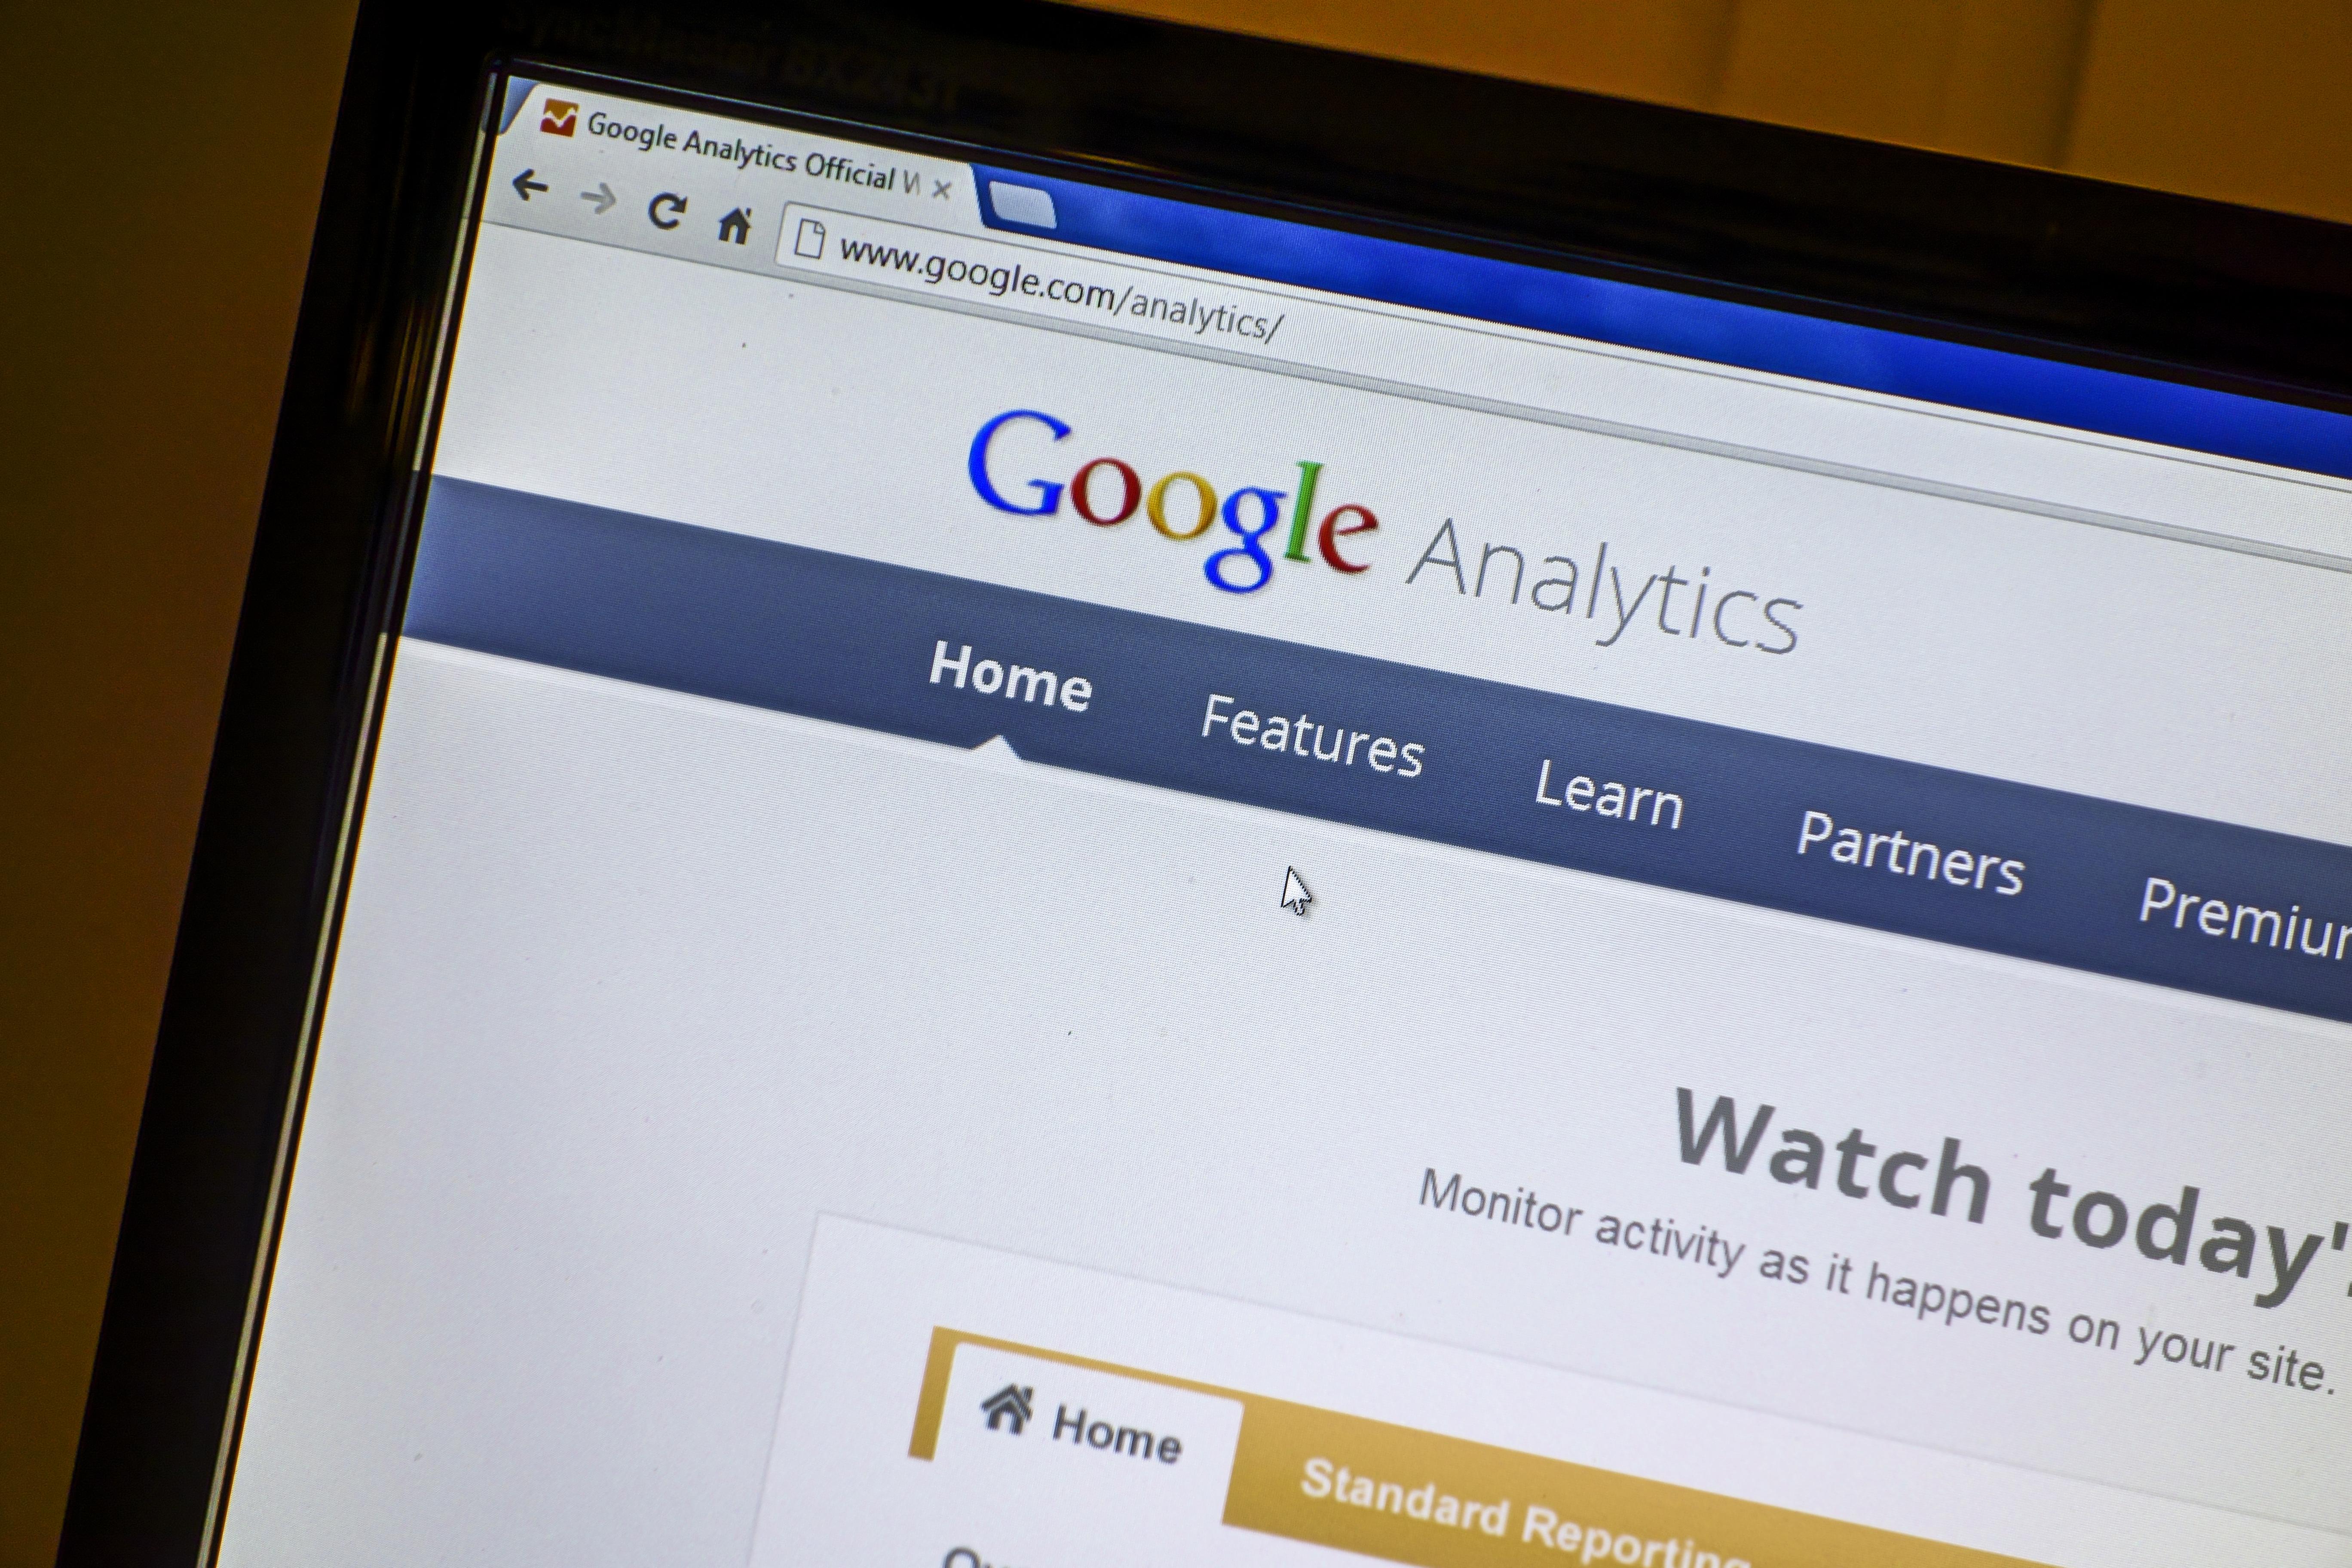 Google website display on computer screen